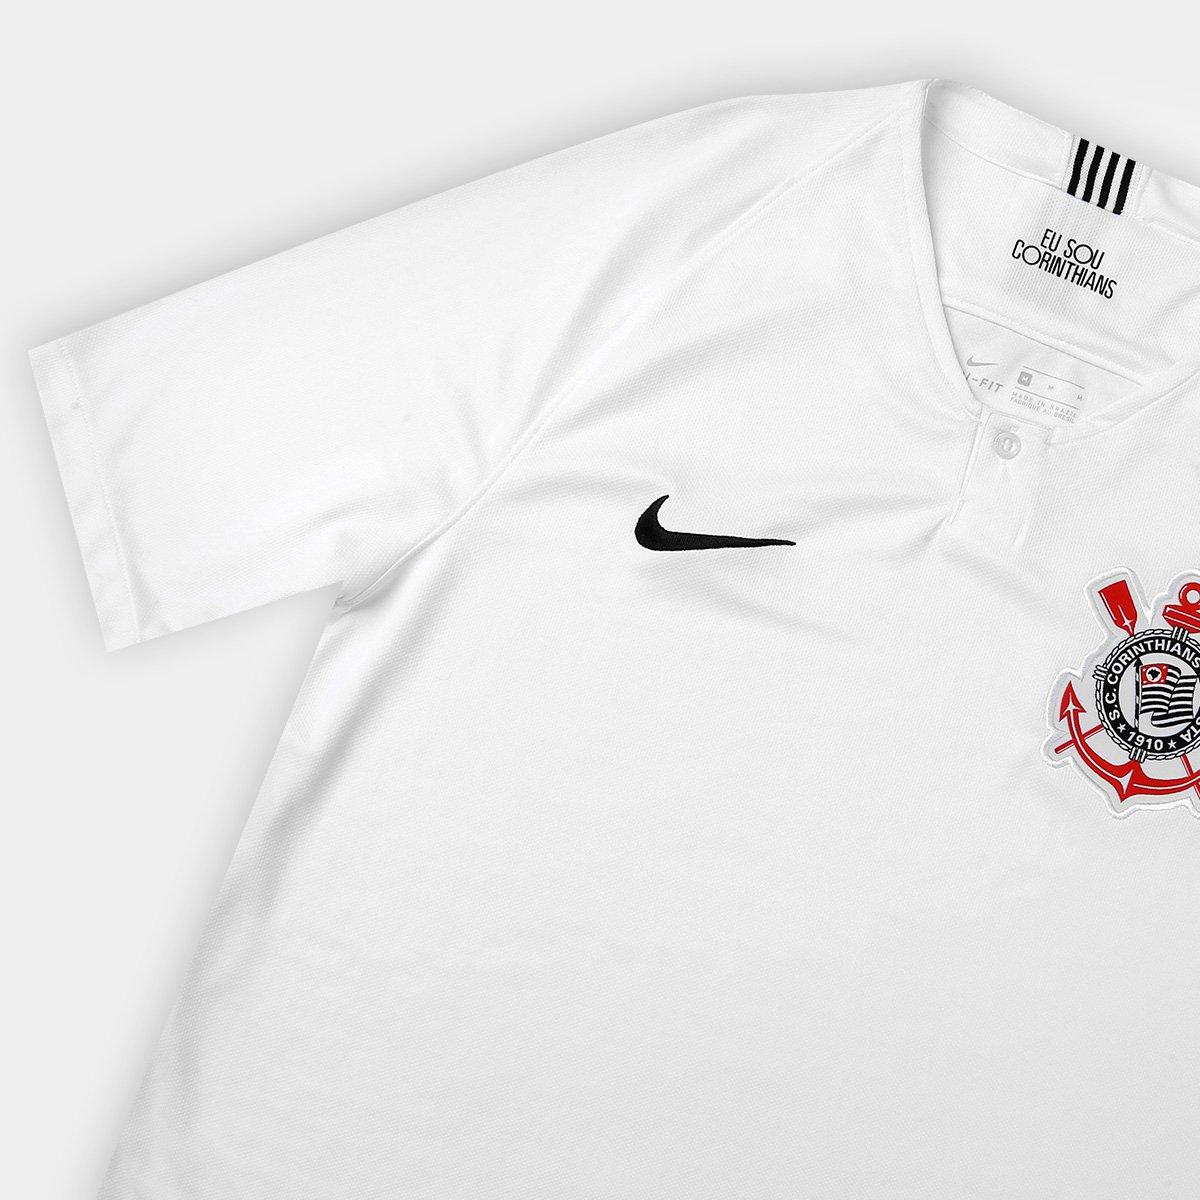 ... Camisa Corinthians I 18 19 n° 17 - M.Boselli Torcedor Nike Masculina ... a13134a268027